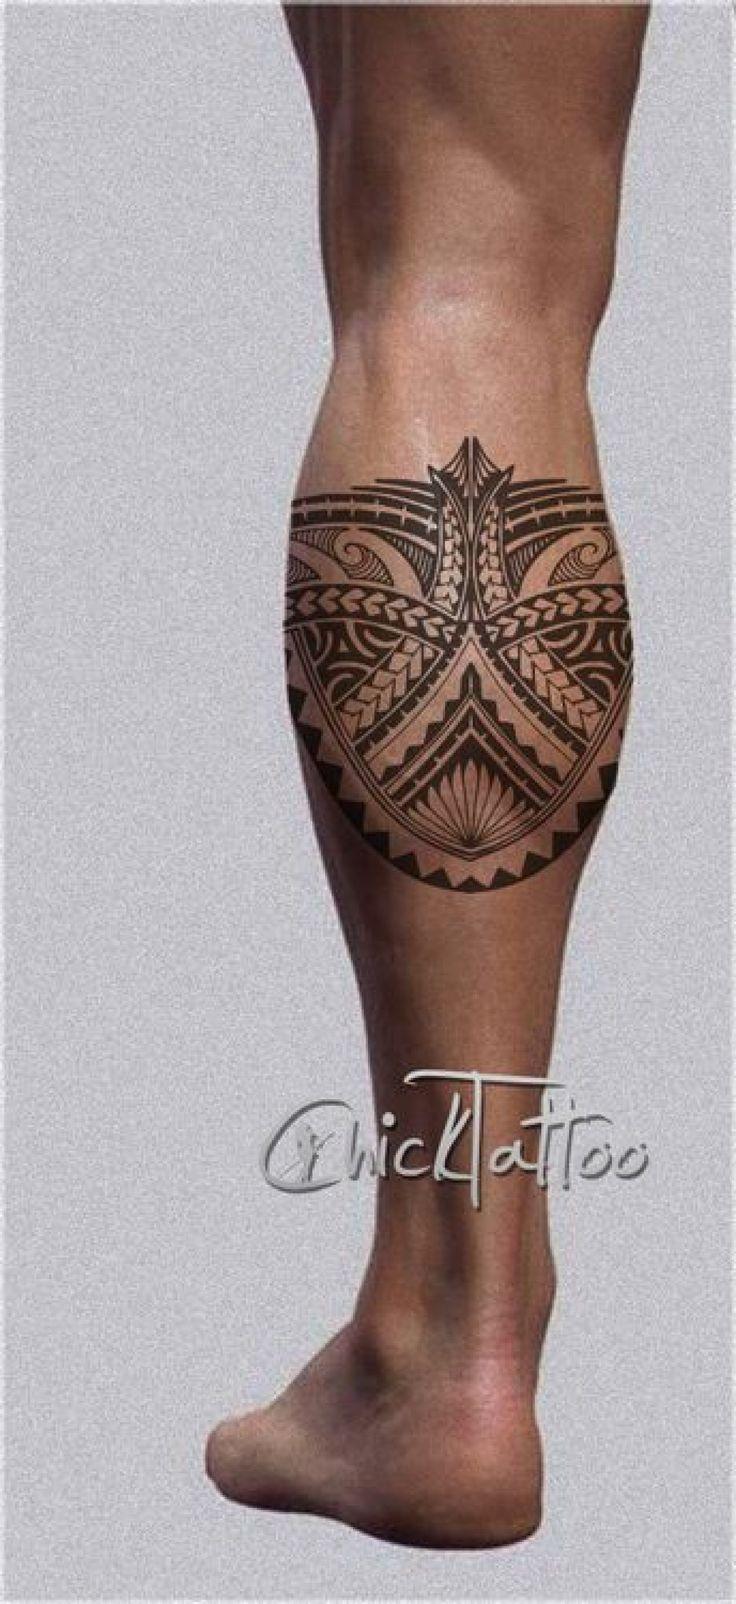 Les 25 meilleures id es de la cat gorie tatouage maorie mollet sur pinterest tatouages au - Tatouage maori jambe ...